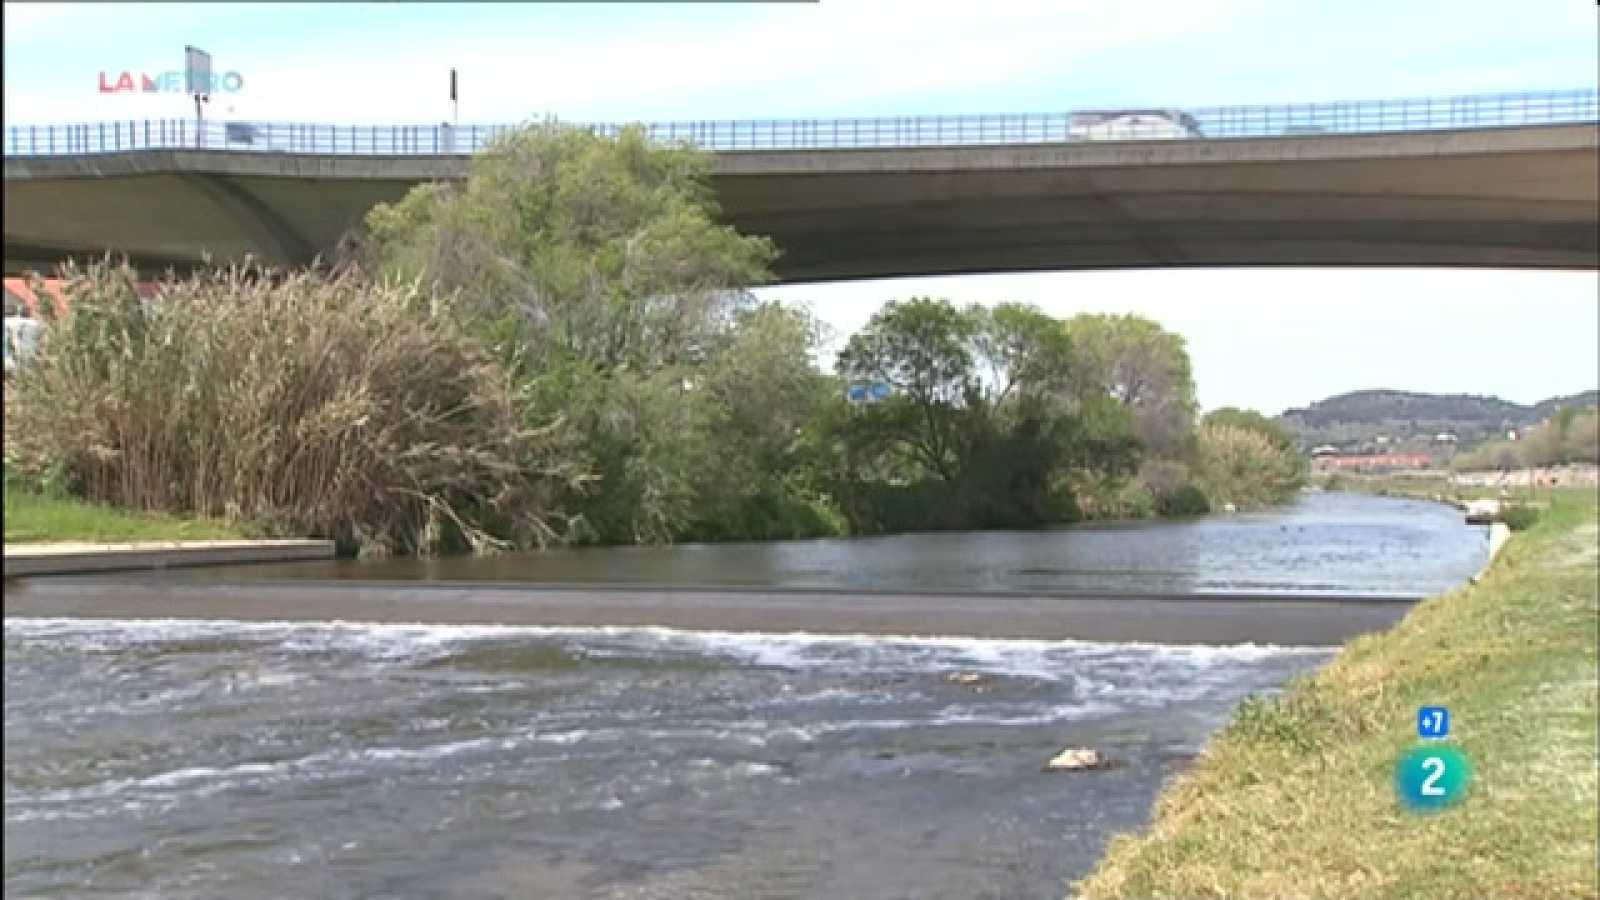 Expliquem els plans per naturalitzar el riu Besòs i fer-hi refugis de biodiversitat, parlem amb els veïns de Sant Feliu de Llobregat, que volen salvar l'estacio i  exposem la iniciativa de micromecenatge cultural L'Aixeta.